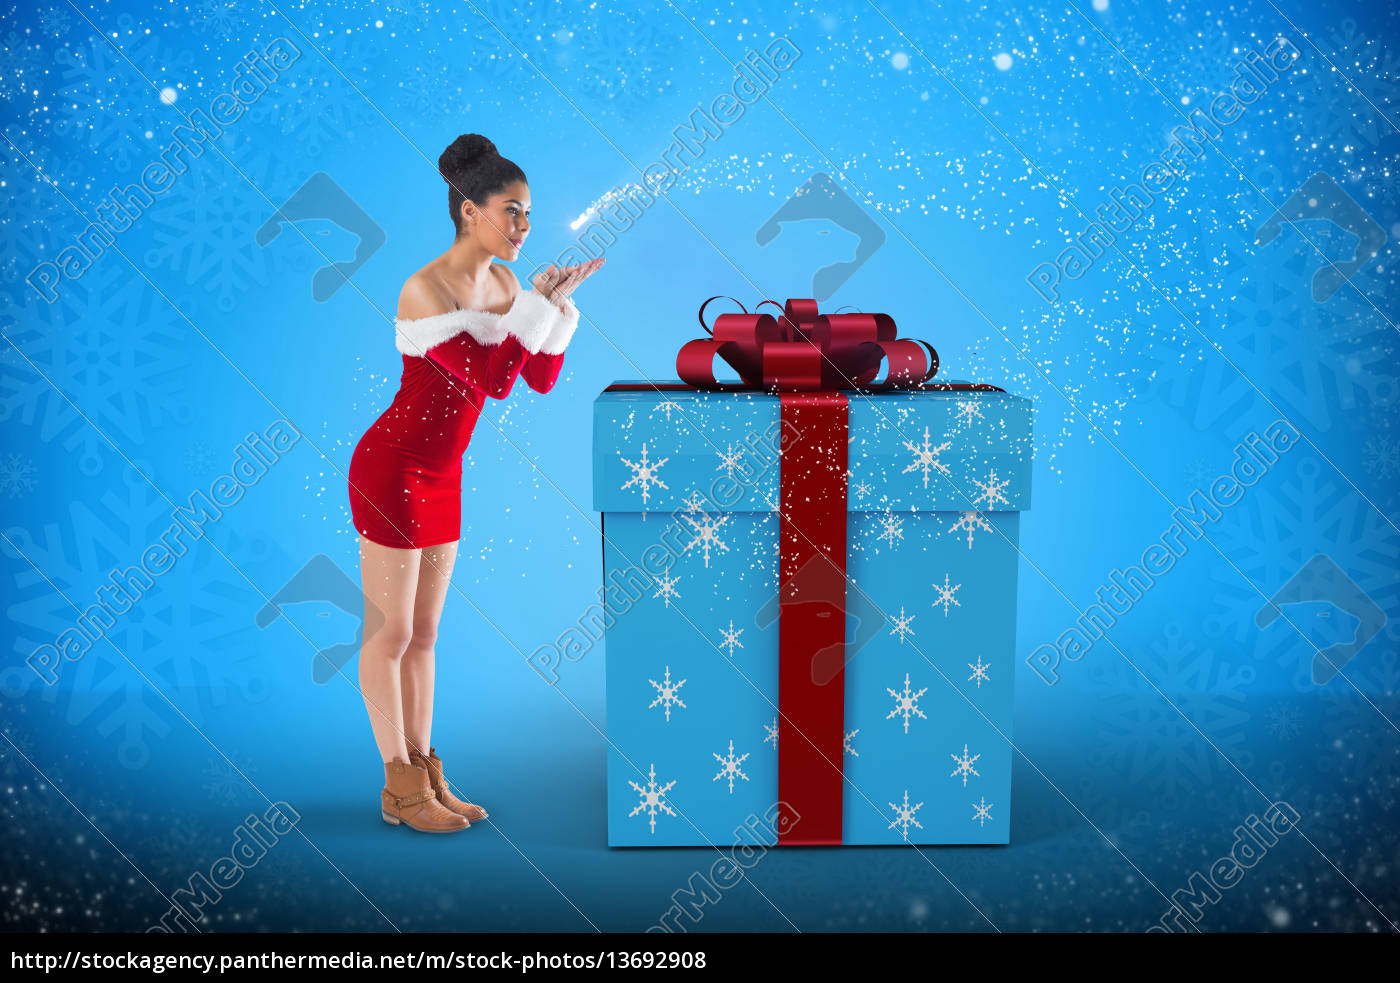 composite, image, of, pretty, santa, girl - 13692908